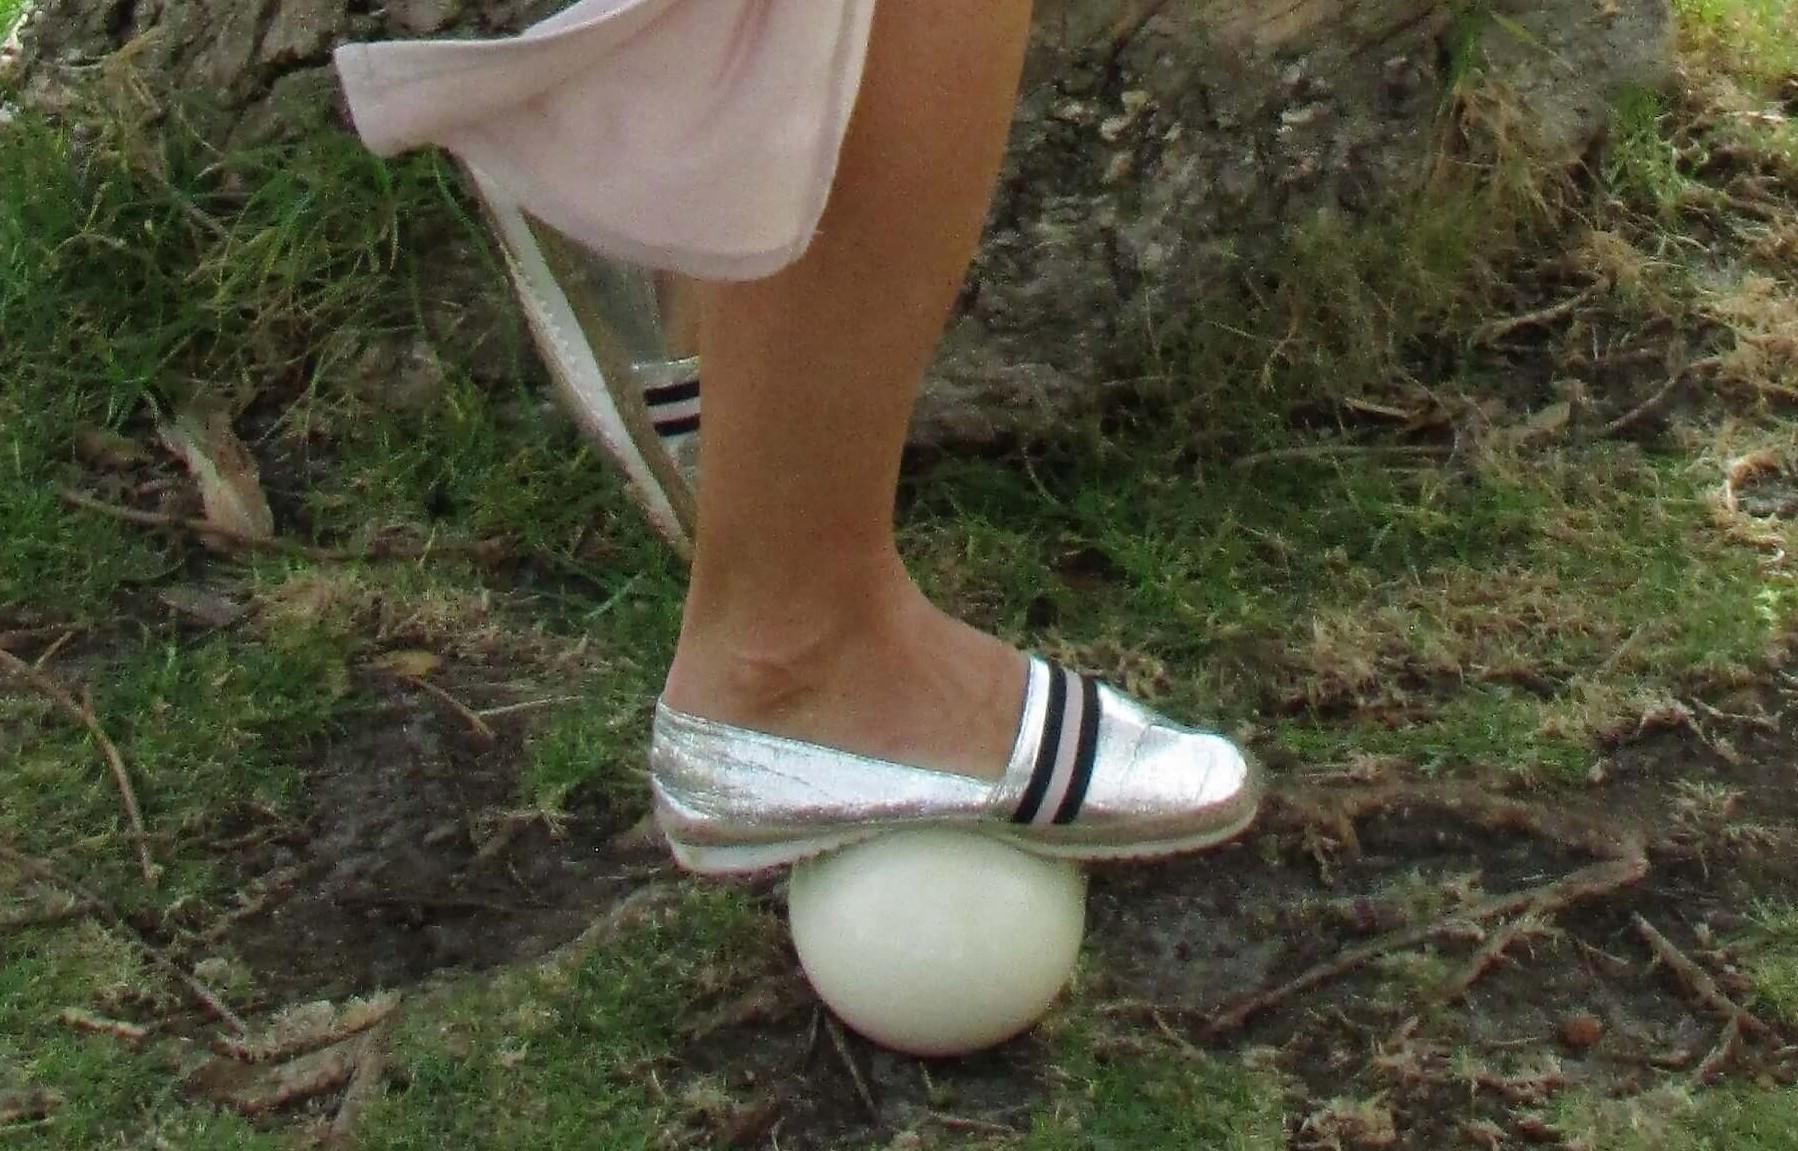 上图:鸵鸟蛋重约1.5公斤左右,非常坚固,人可以站立在其上。